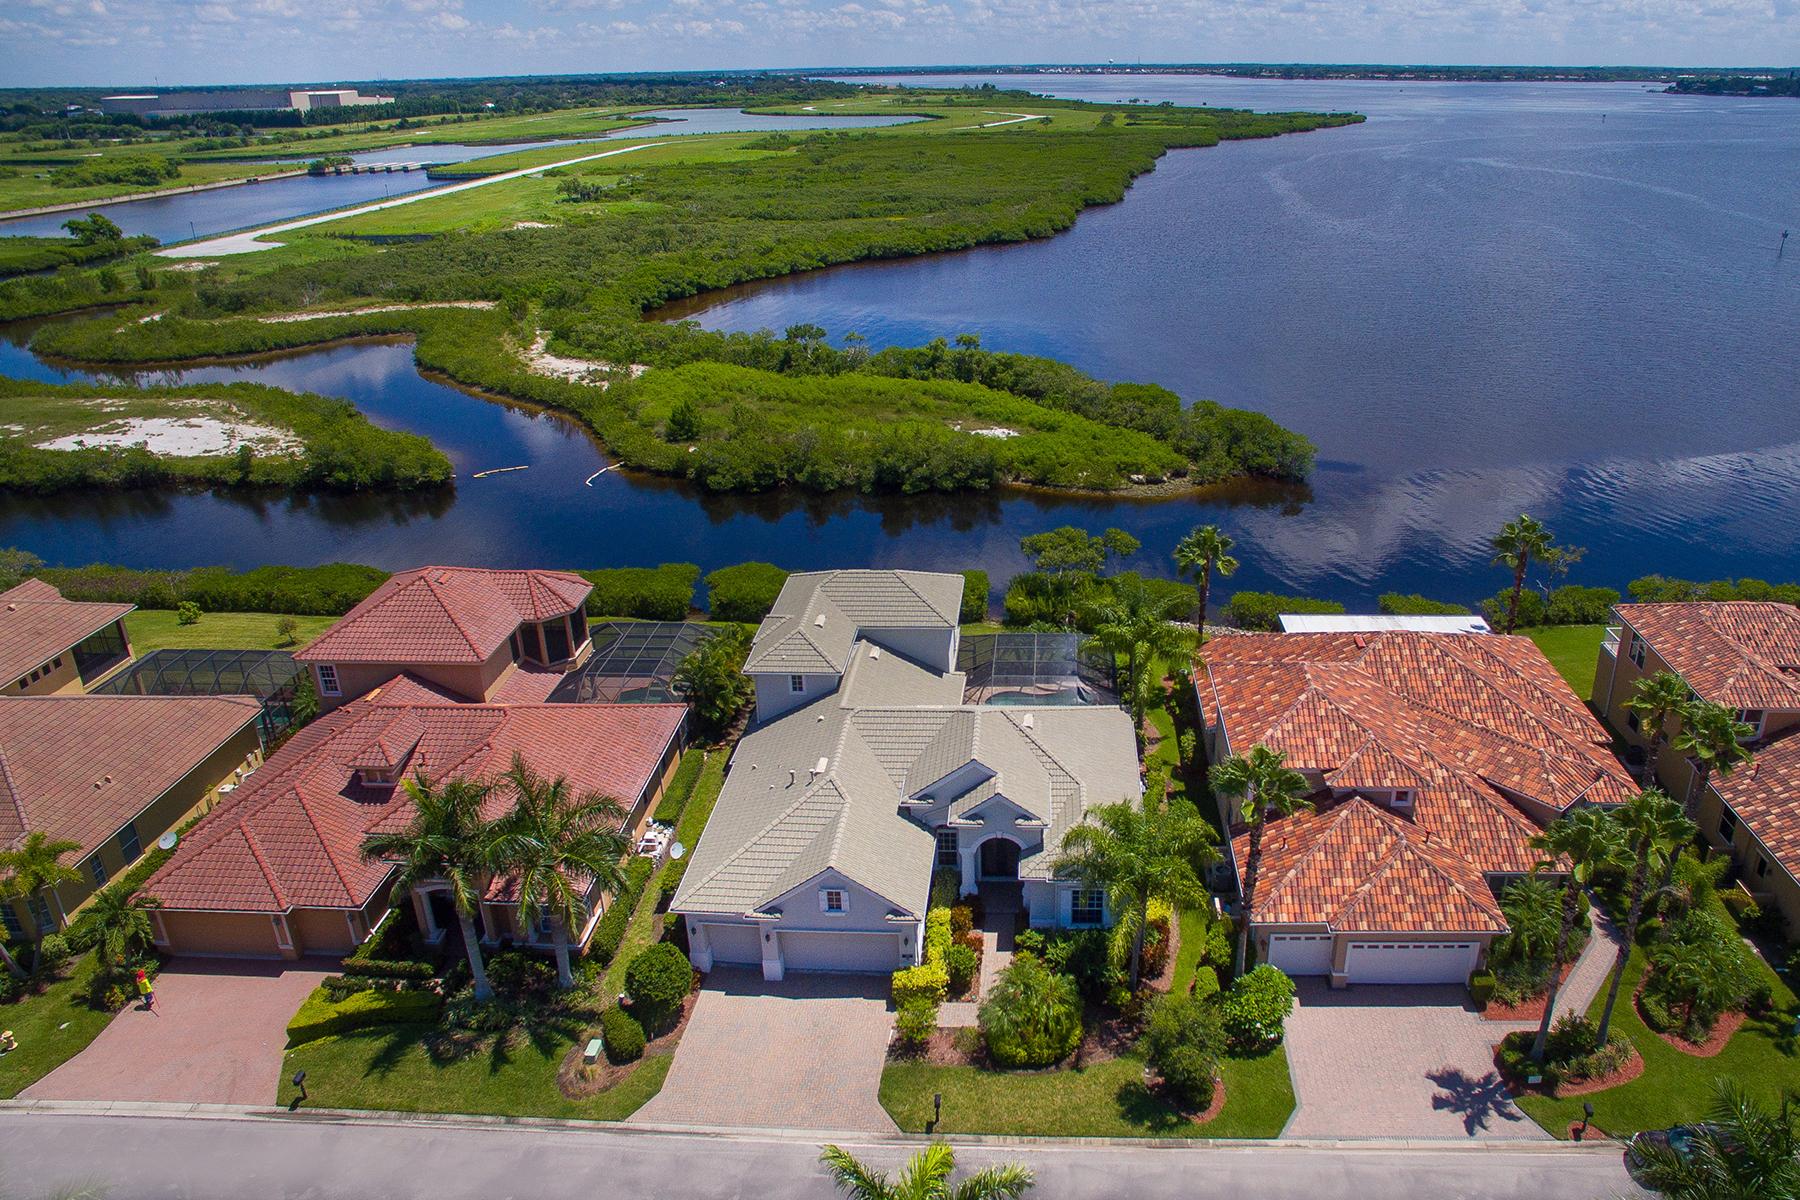 独户住宅 为 销售 在 PENINSULA AT RIVIERA DUNES 118 12th Ave E 帕尔梅托, 佛罗里达州, 34221 美国